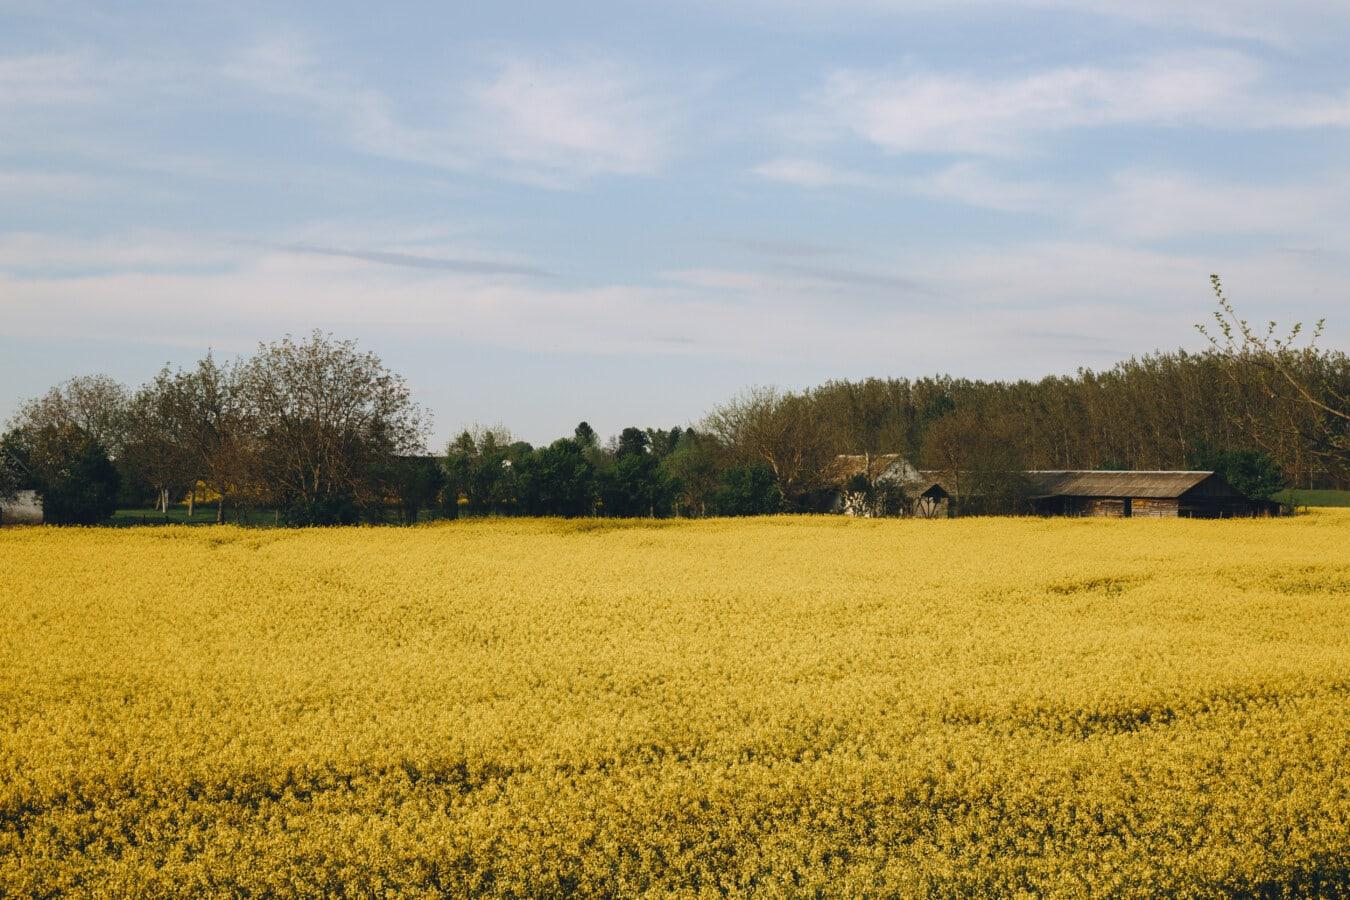 Ріпак, літнього сезону, сільськогосподарські, поле, Сільське господарство, сільськогосподарські угіддя, будинок, ферми, краєвид, природа